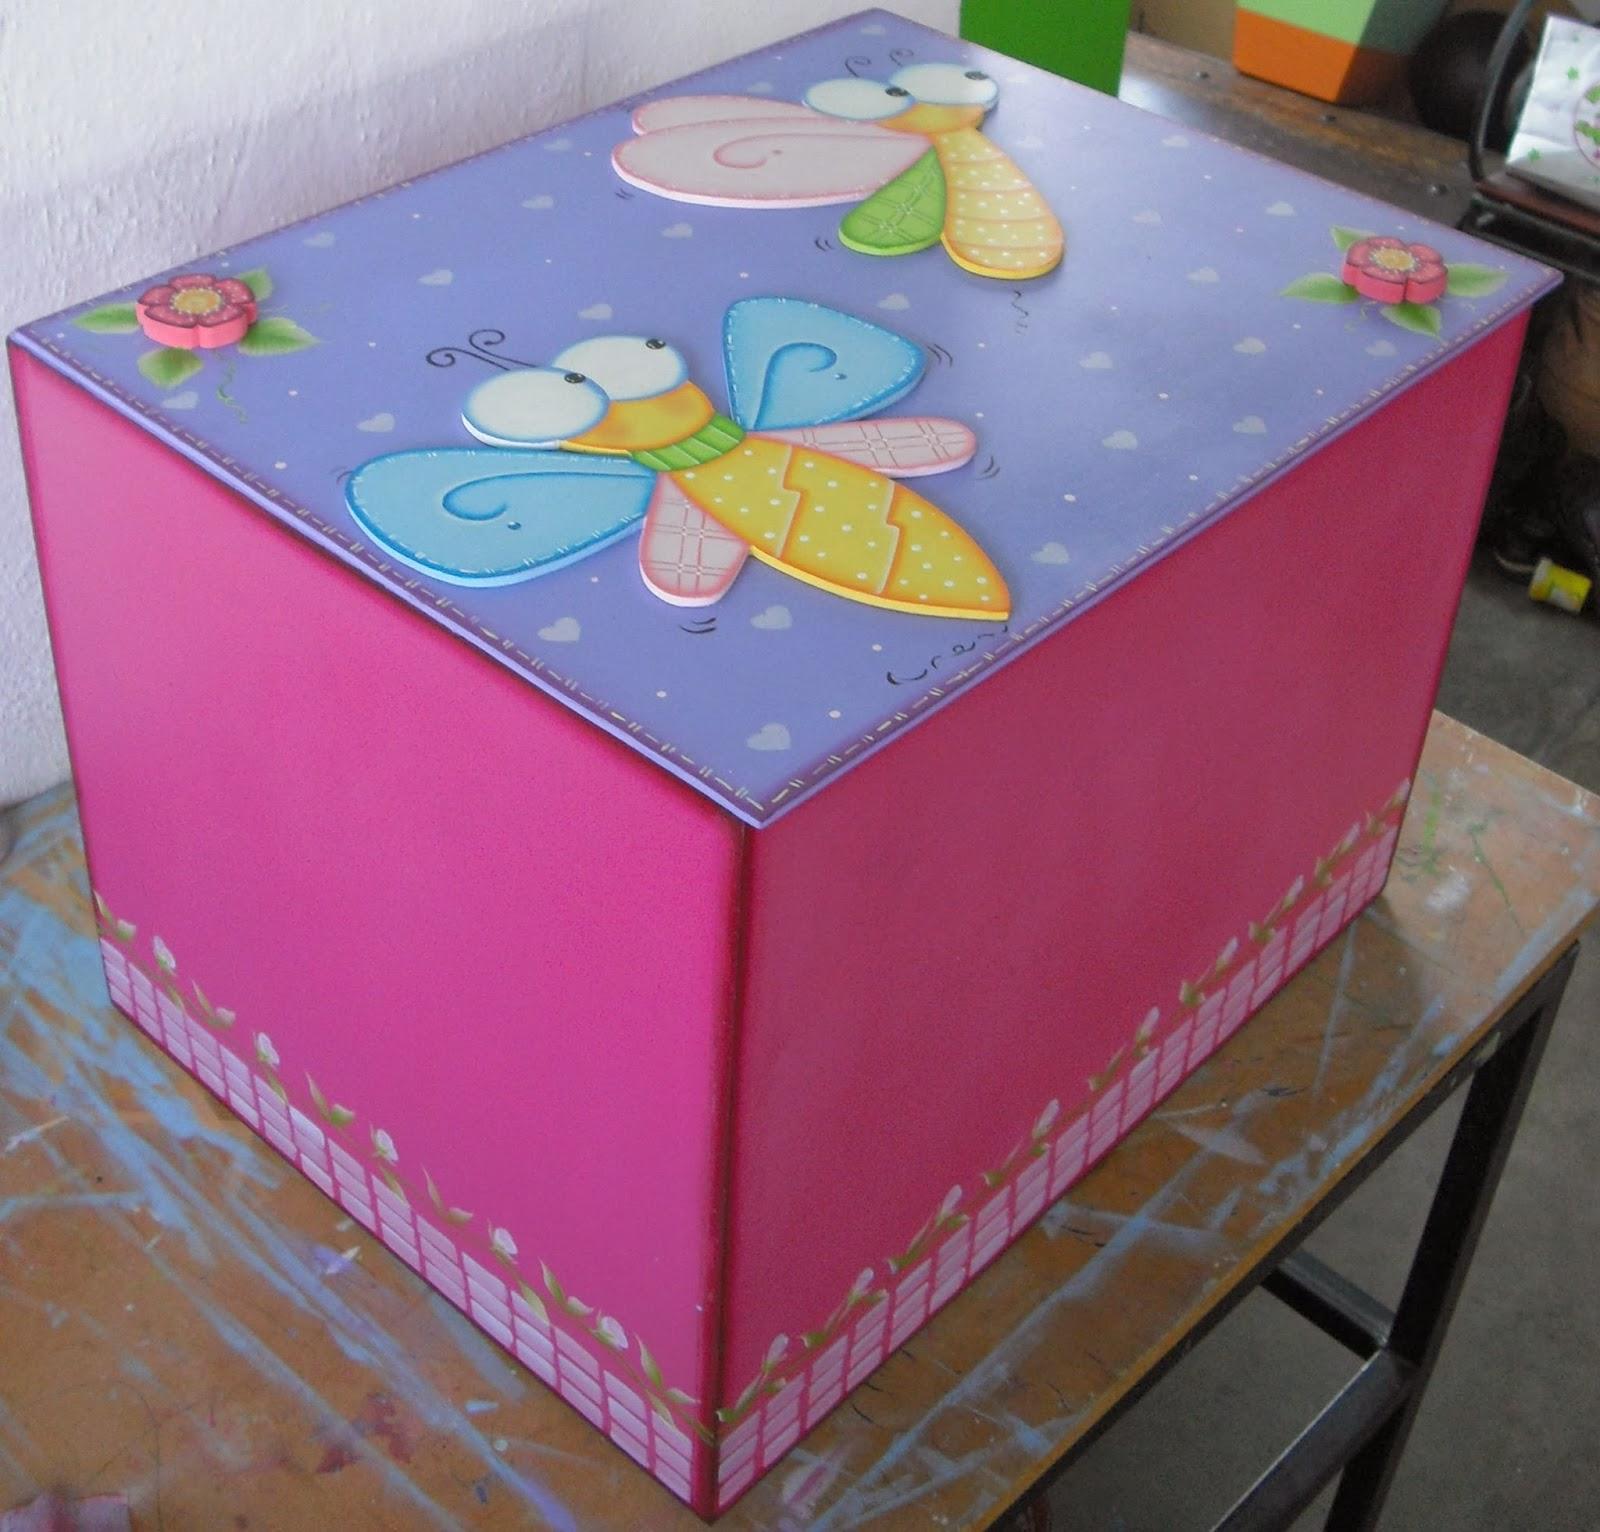 Cajas gigantes para guardar juguetes en mdf mis tablas - Cajas grandes de carton decoradas ...